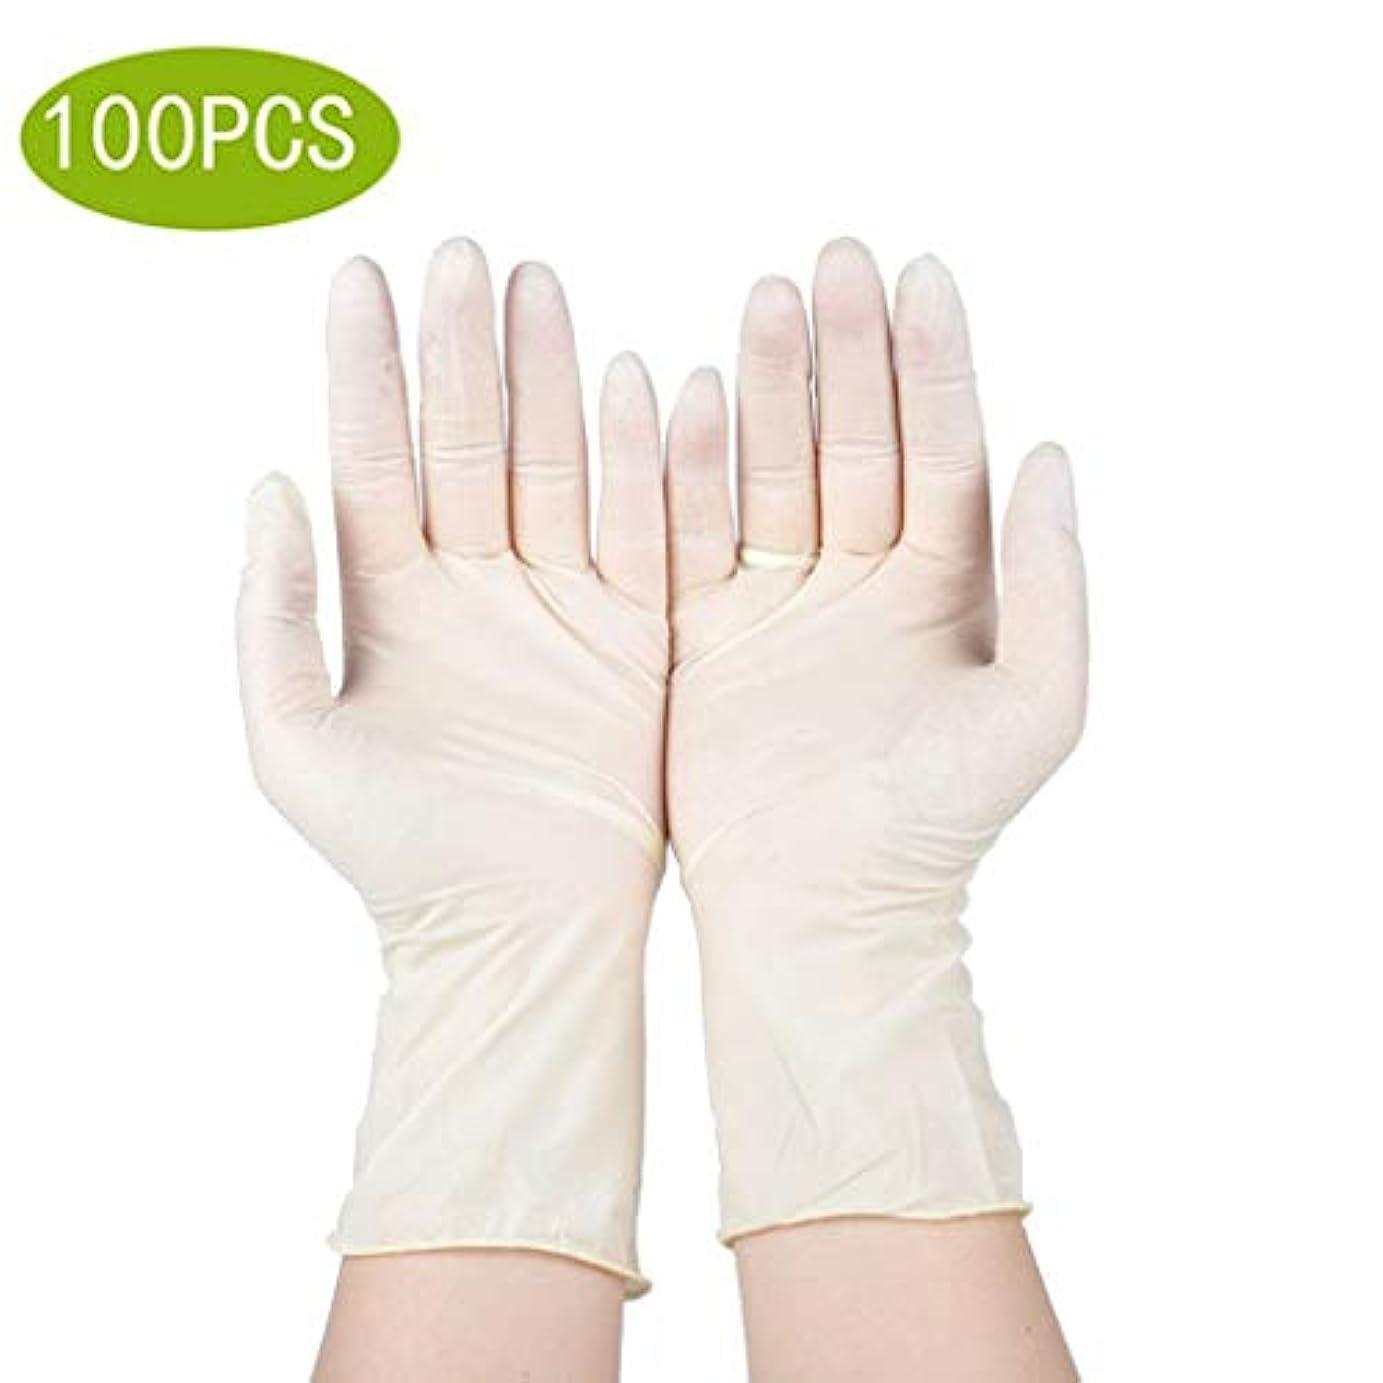 きゅうり取り除く熟達ニトリル手袋義務使い捨てビニール手袋、100カウント、特大 - パウダーフリー、両性、極度の快適さ、特別に強く、丈夫で伸縮性がある、医療、食品、マルチユース (Color : Latex Gloves, Size : M)